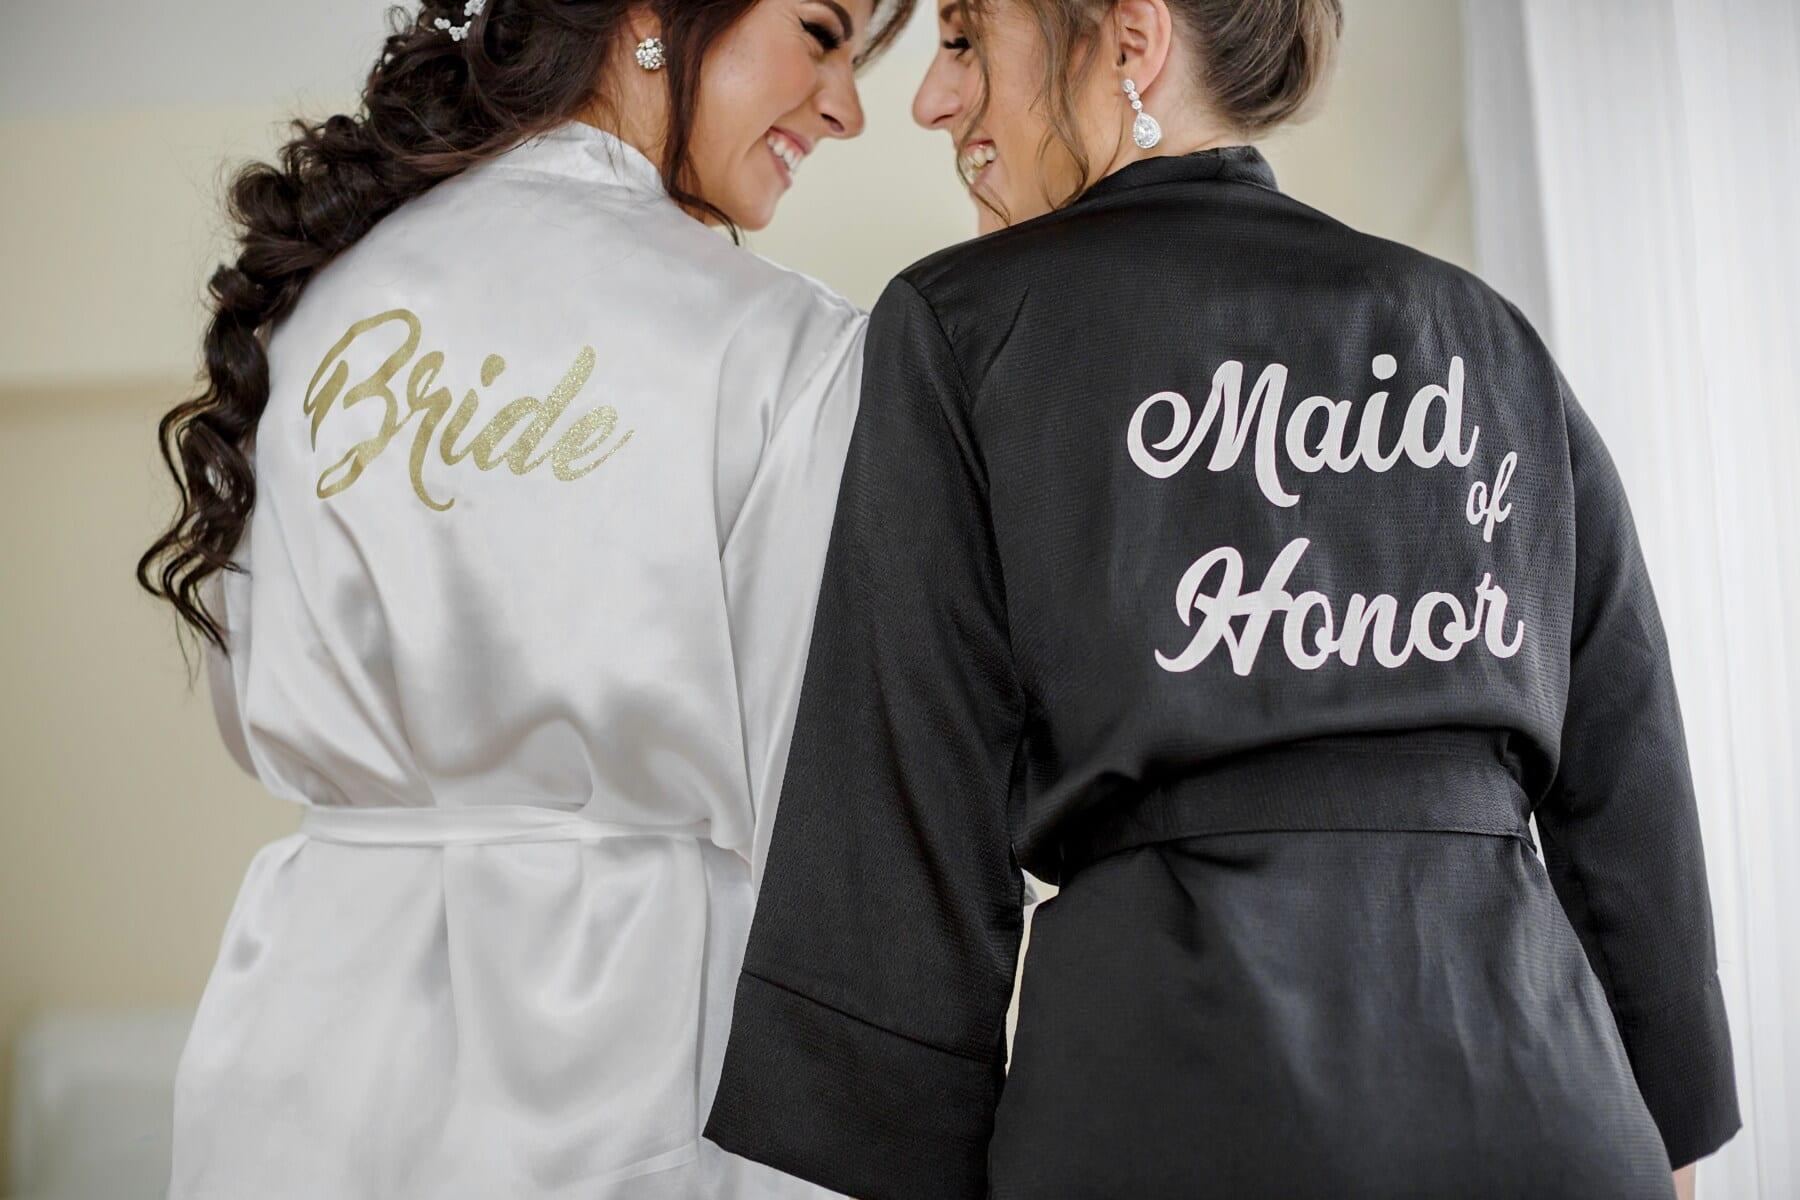 Trauzeugin, Brautjungfer, Braut, Freundin, schwarz und weiß, glücklich, Freundschaft, Mode, Person, Frau